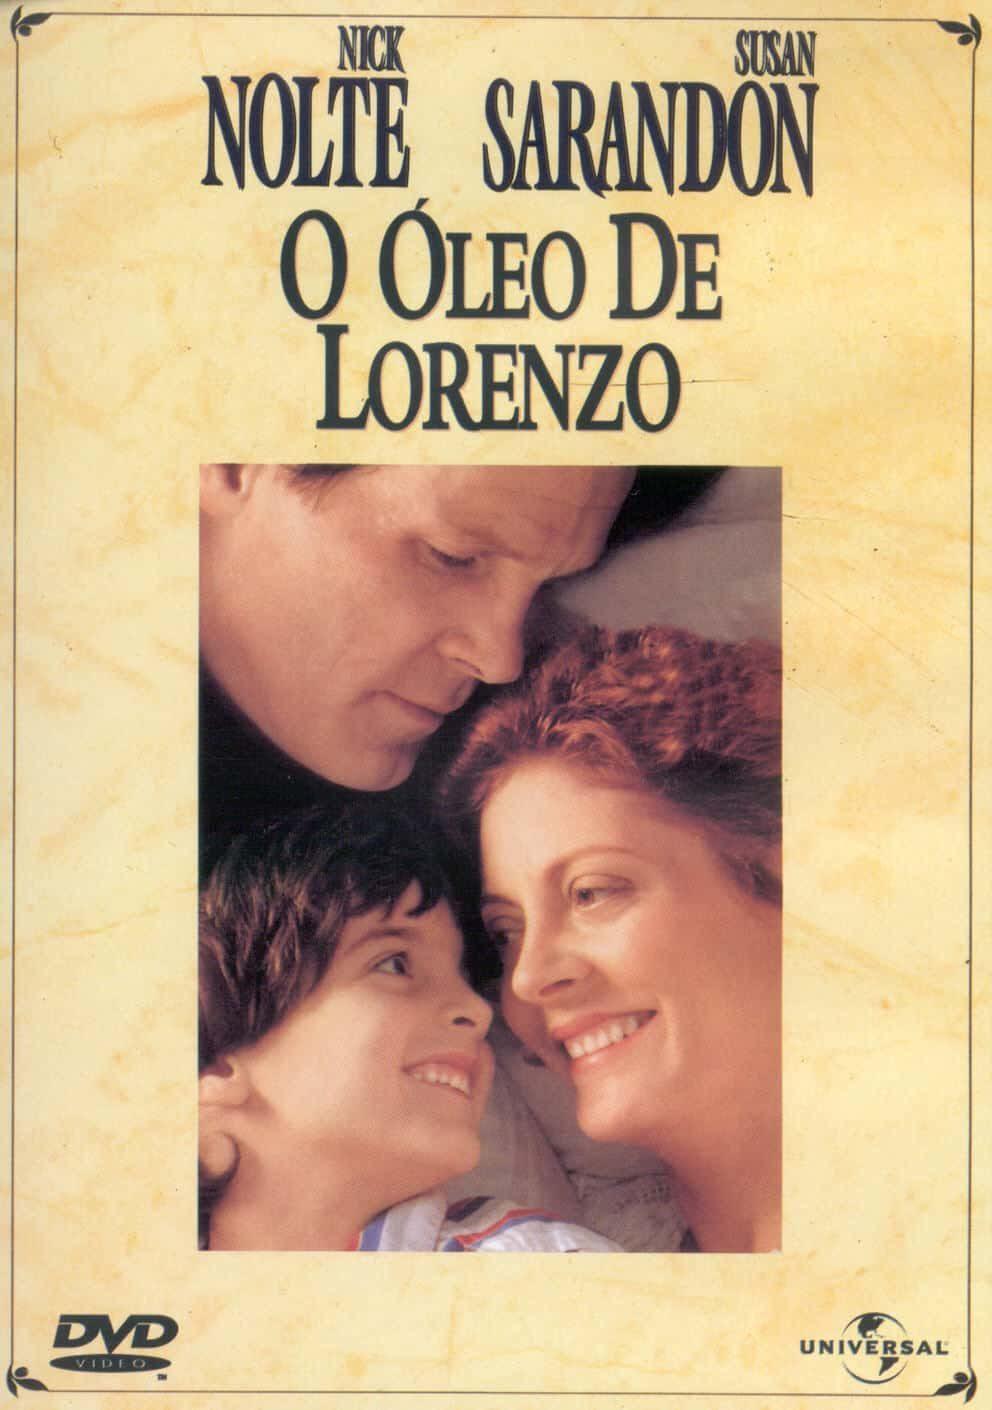 capa-do-filme-o-c3b3leo-de-lorenzo-1-2808128-2636280-5236119